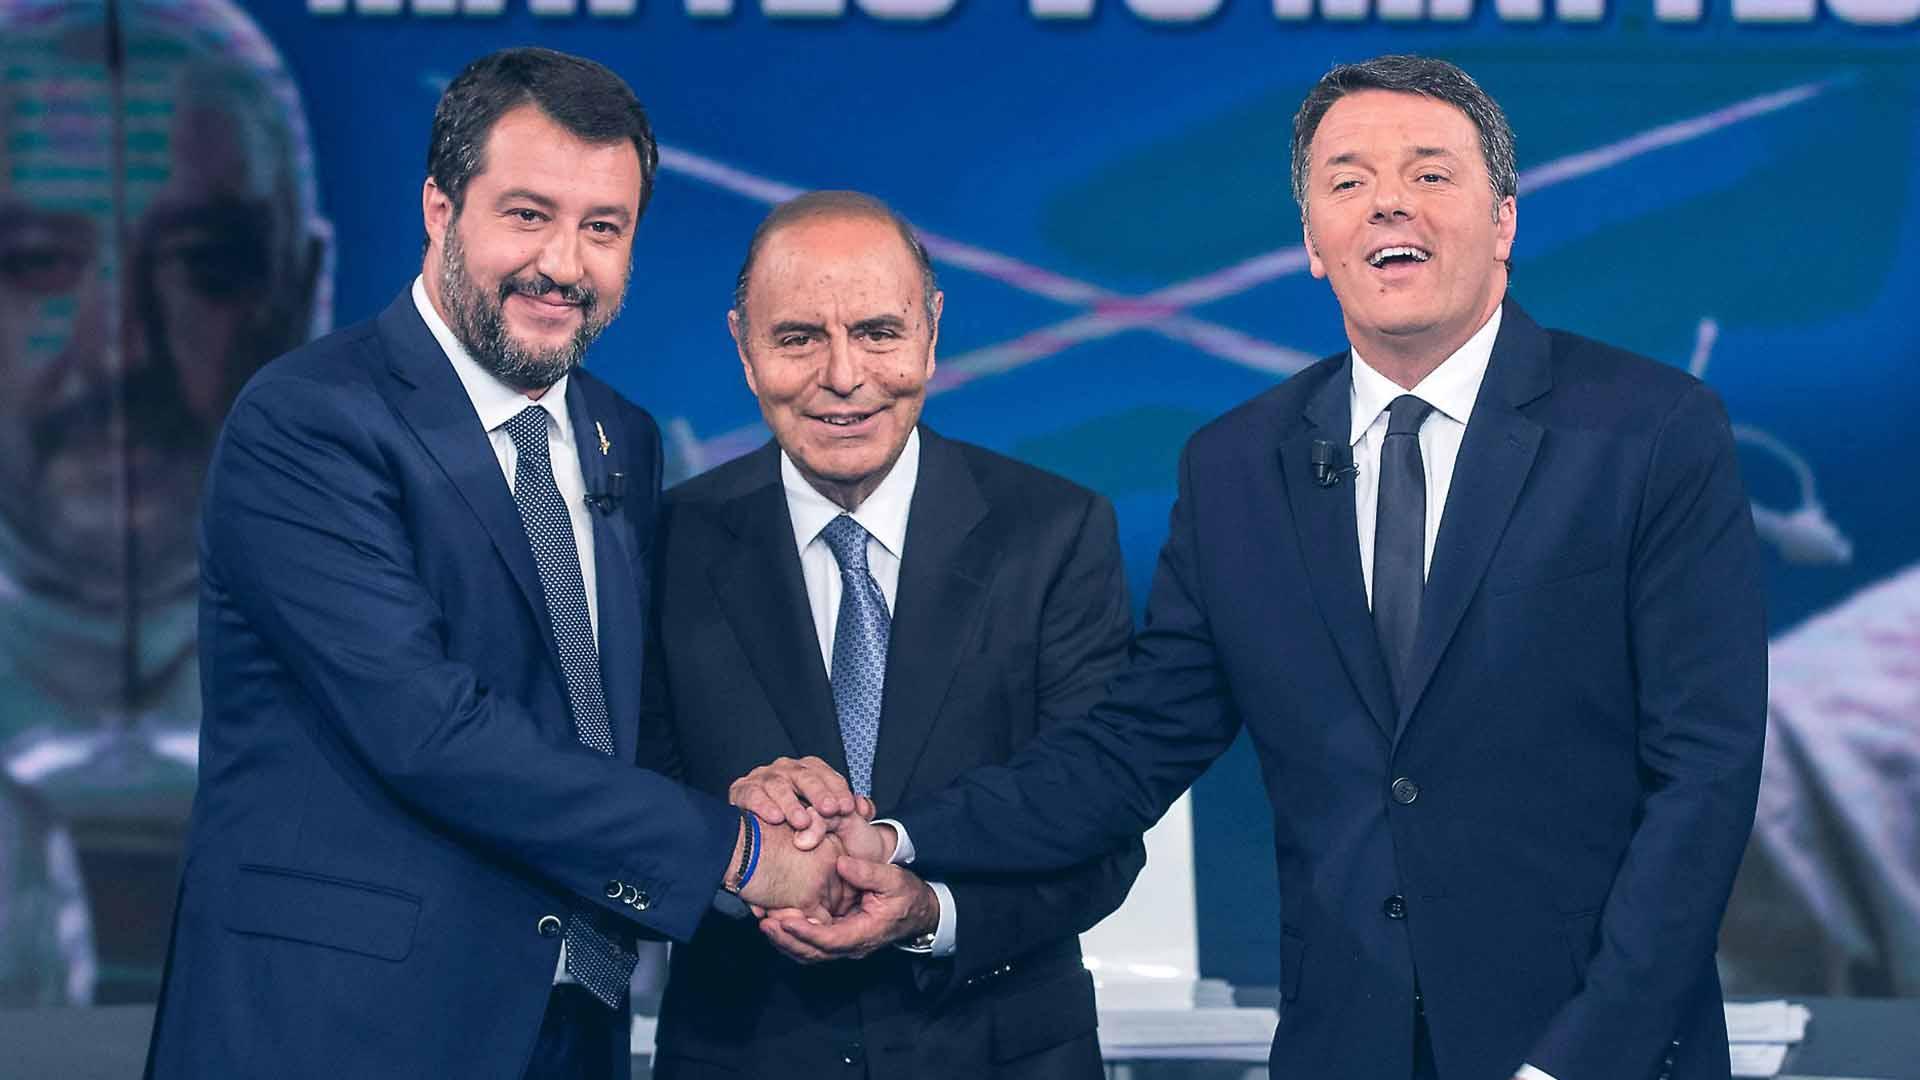 Avversari e non nemici è stato il mantra della serata, in particolare di Renzi